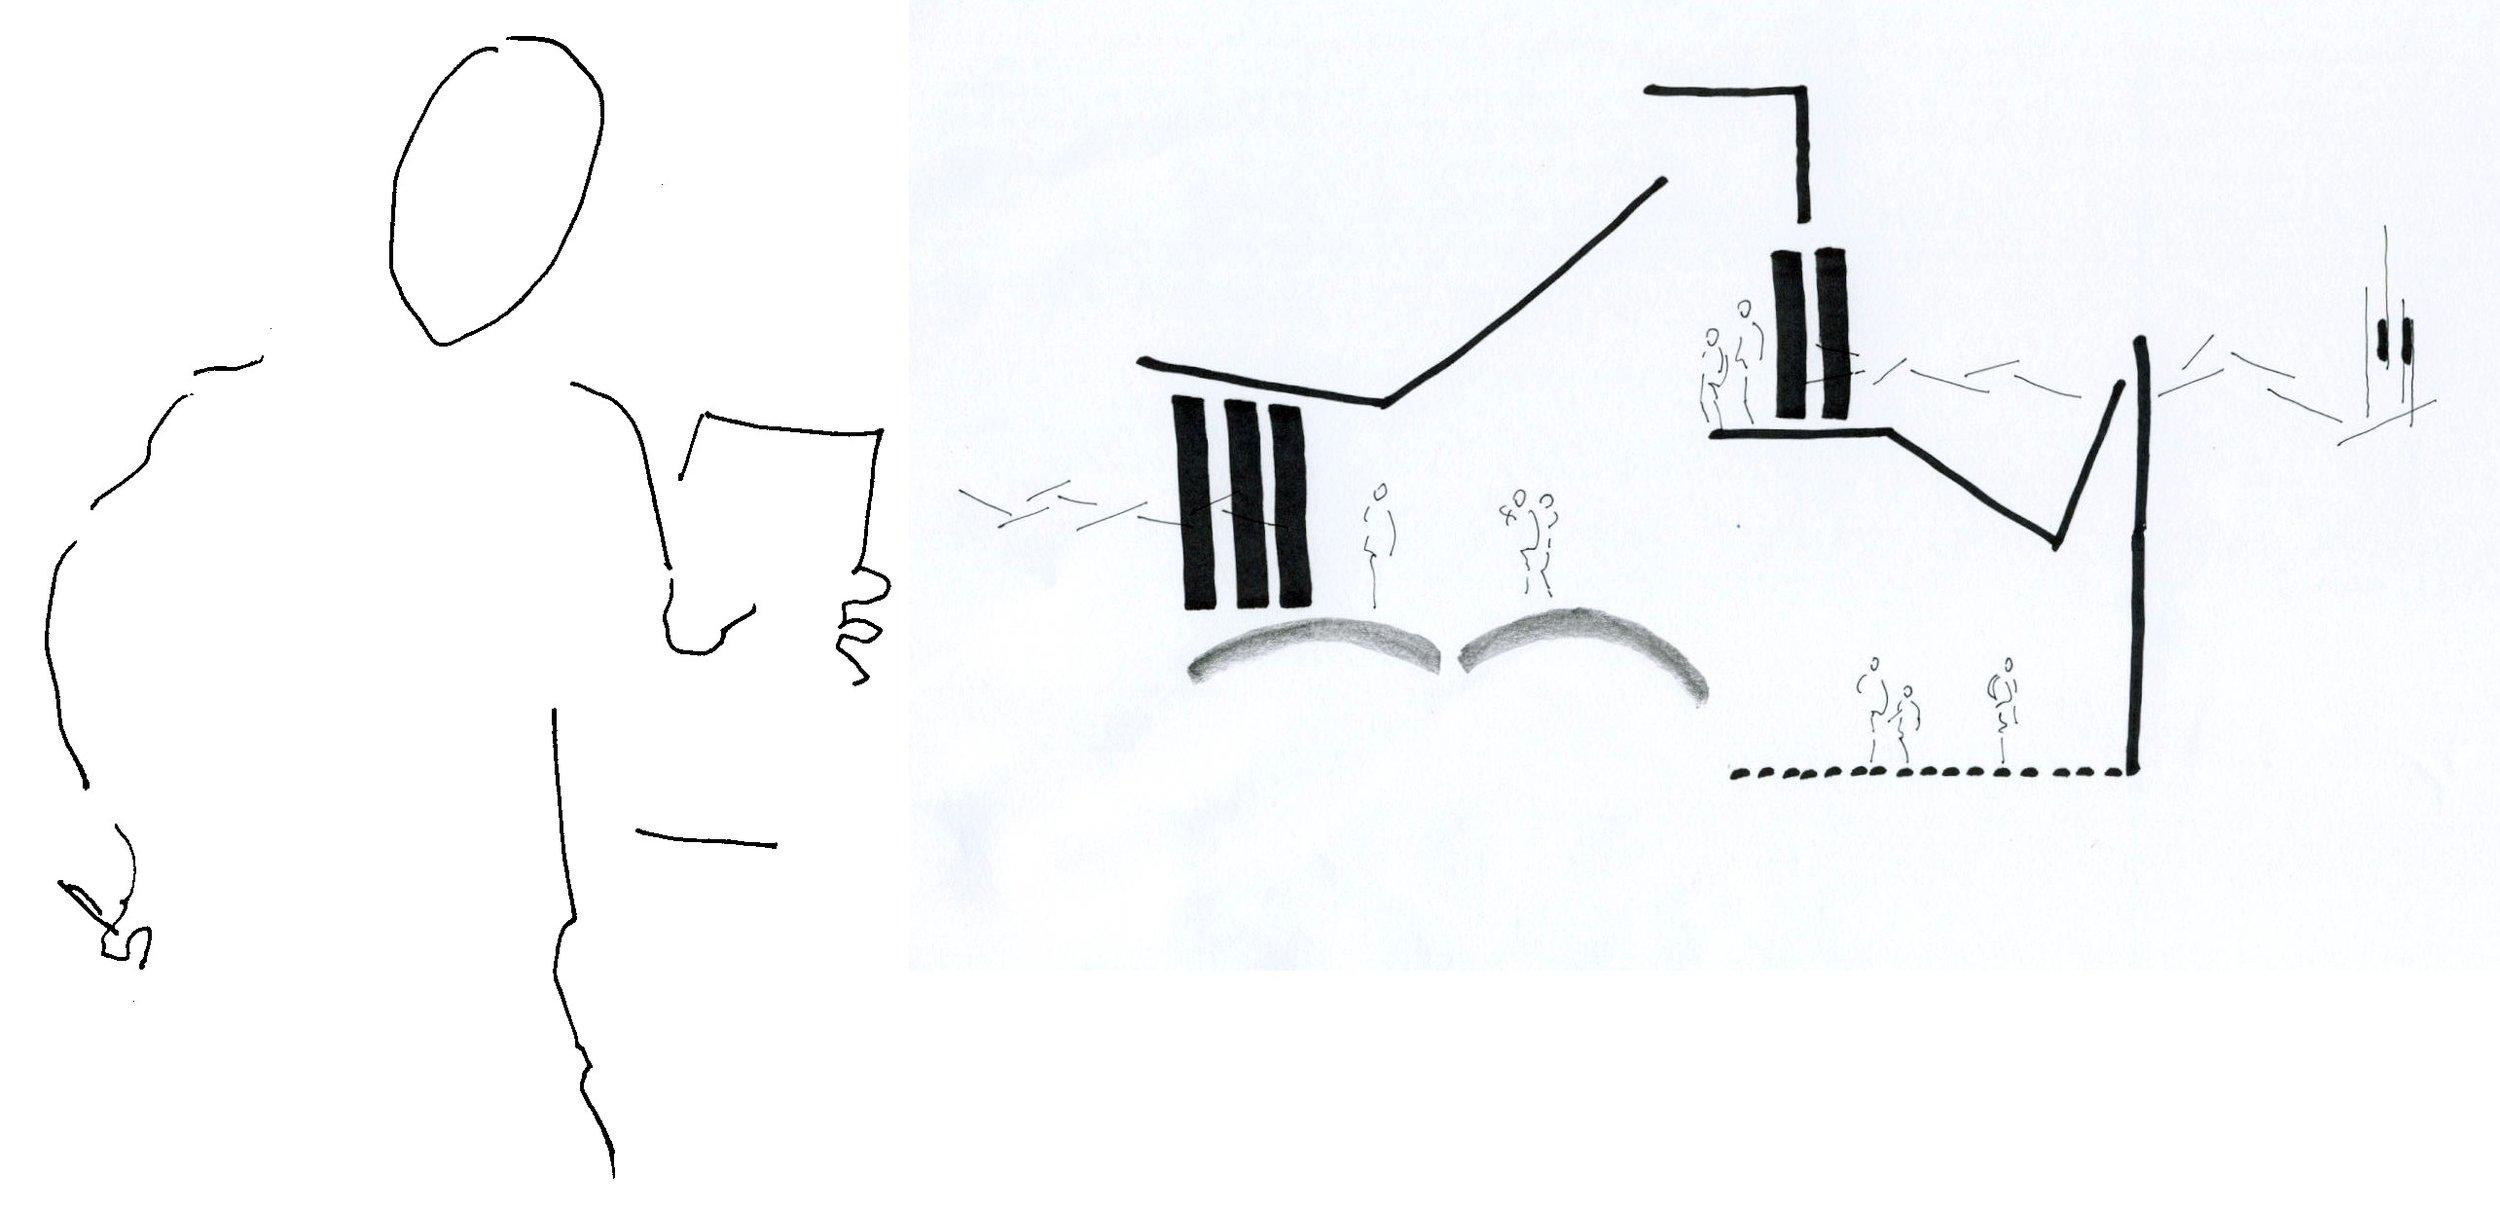 dibujo.jpg